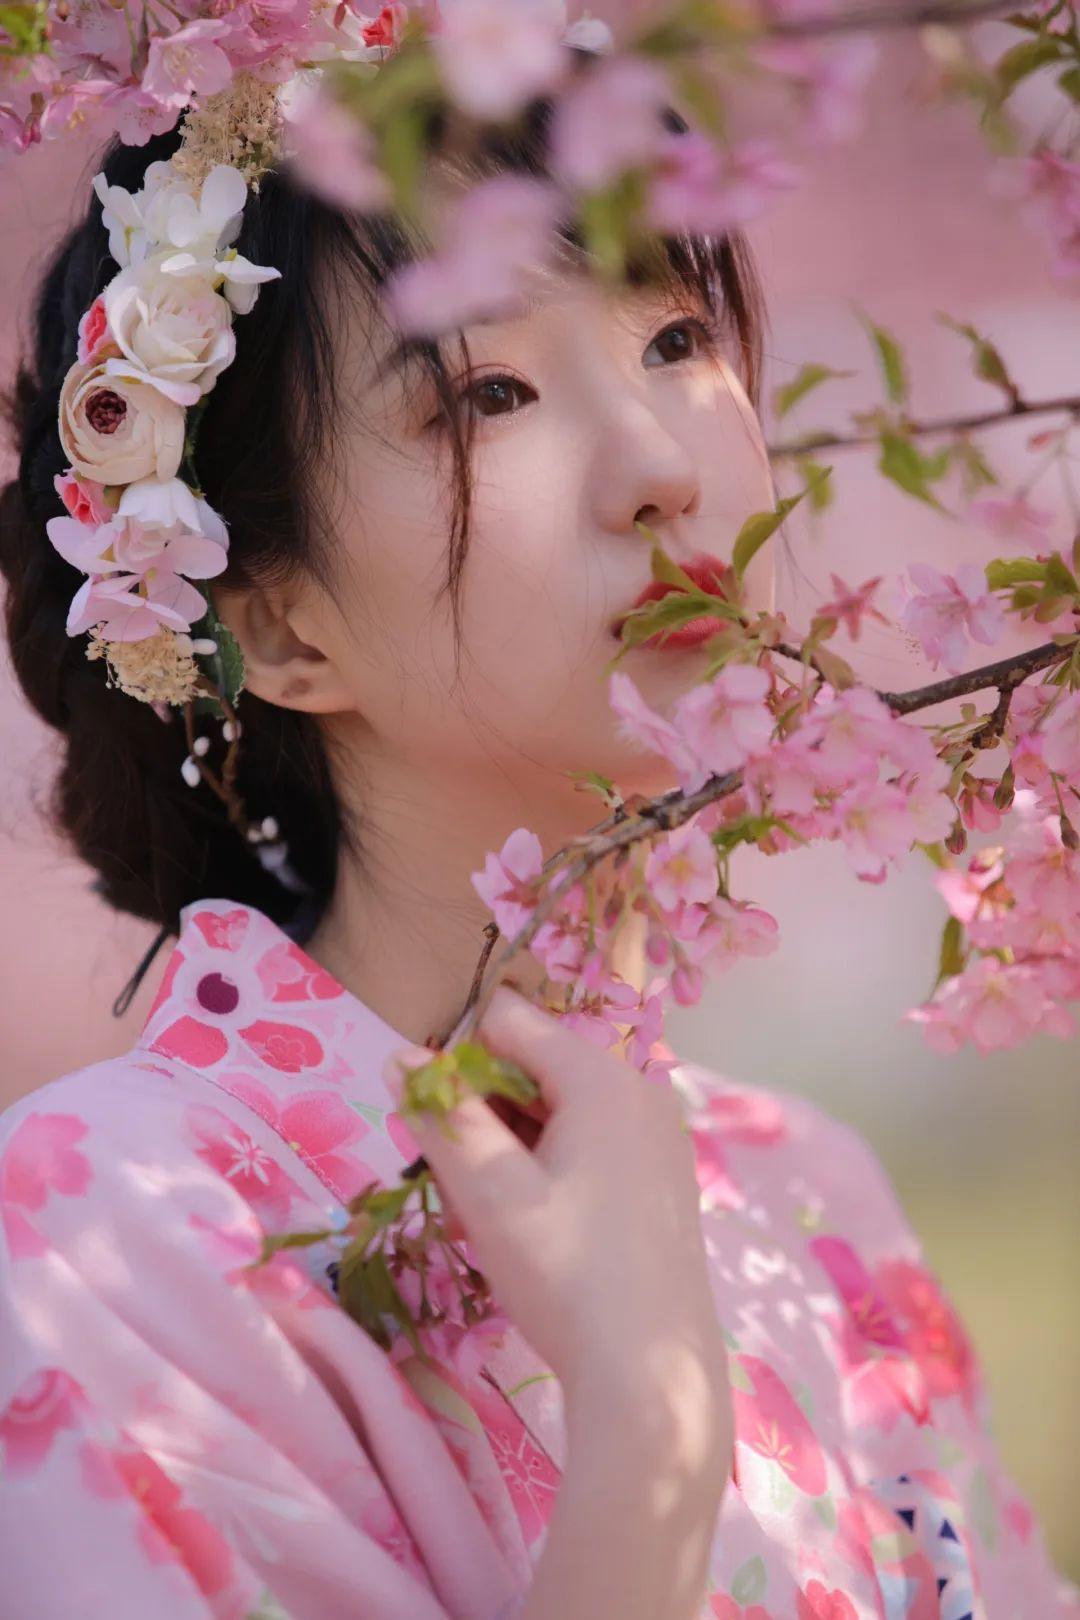 妹子摄影 – 粉粉的日系少女樱花树下写真_图片 No.7